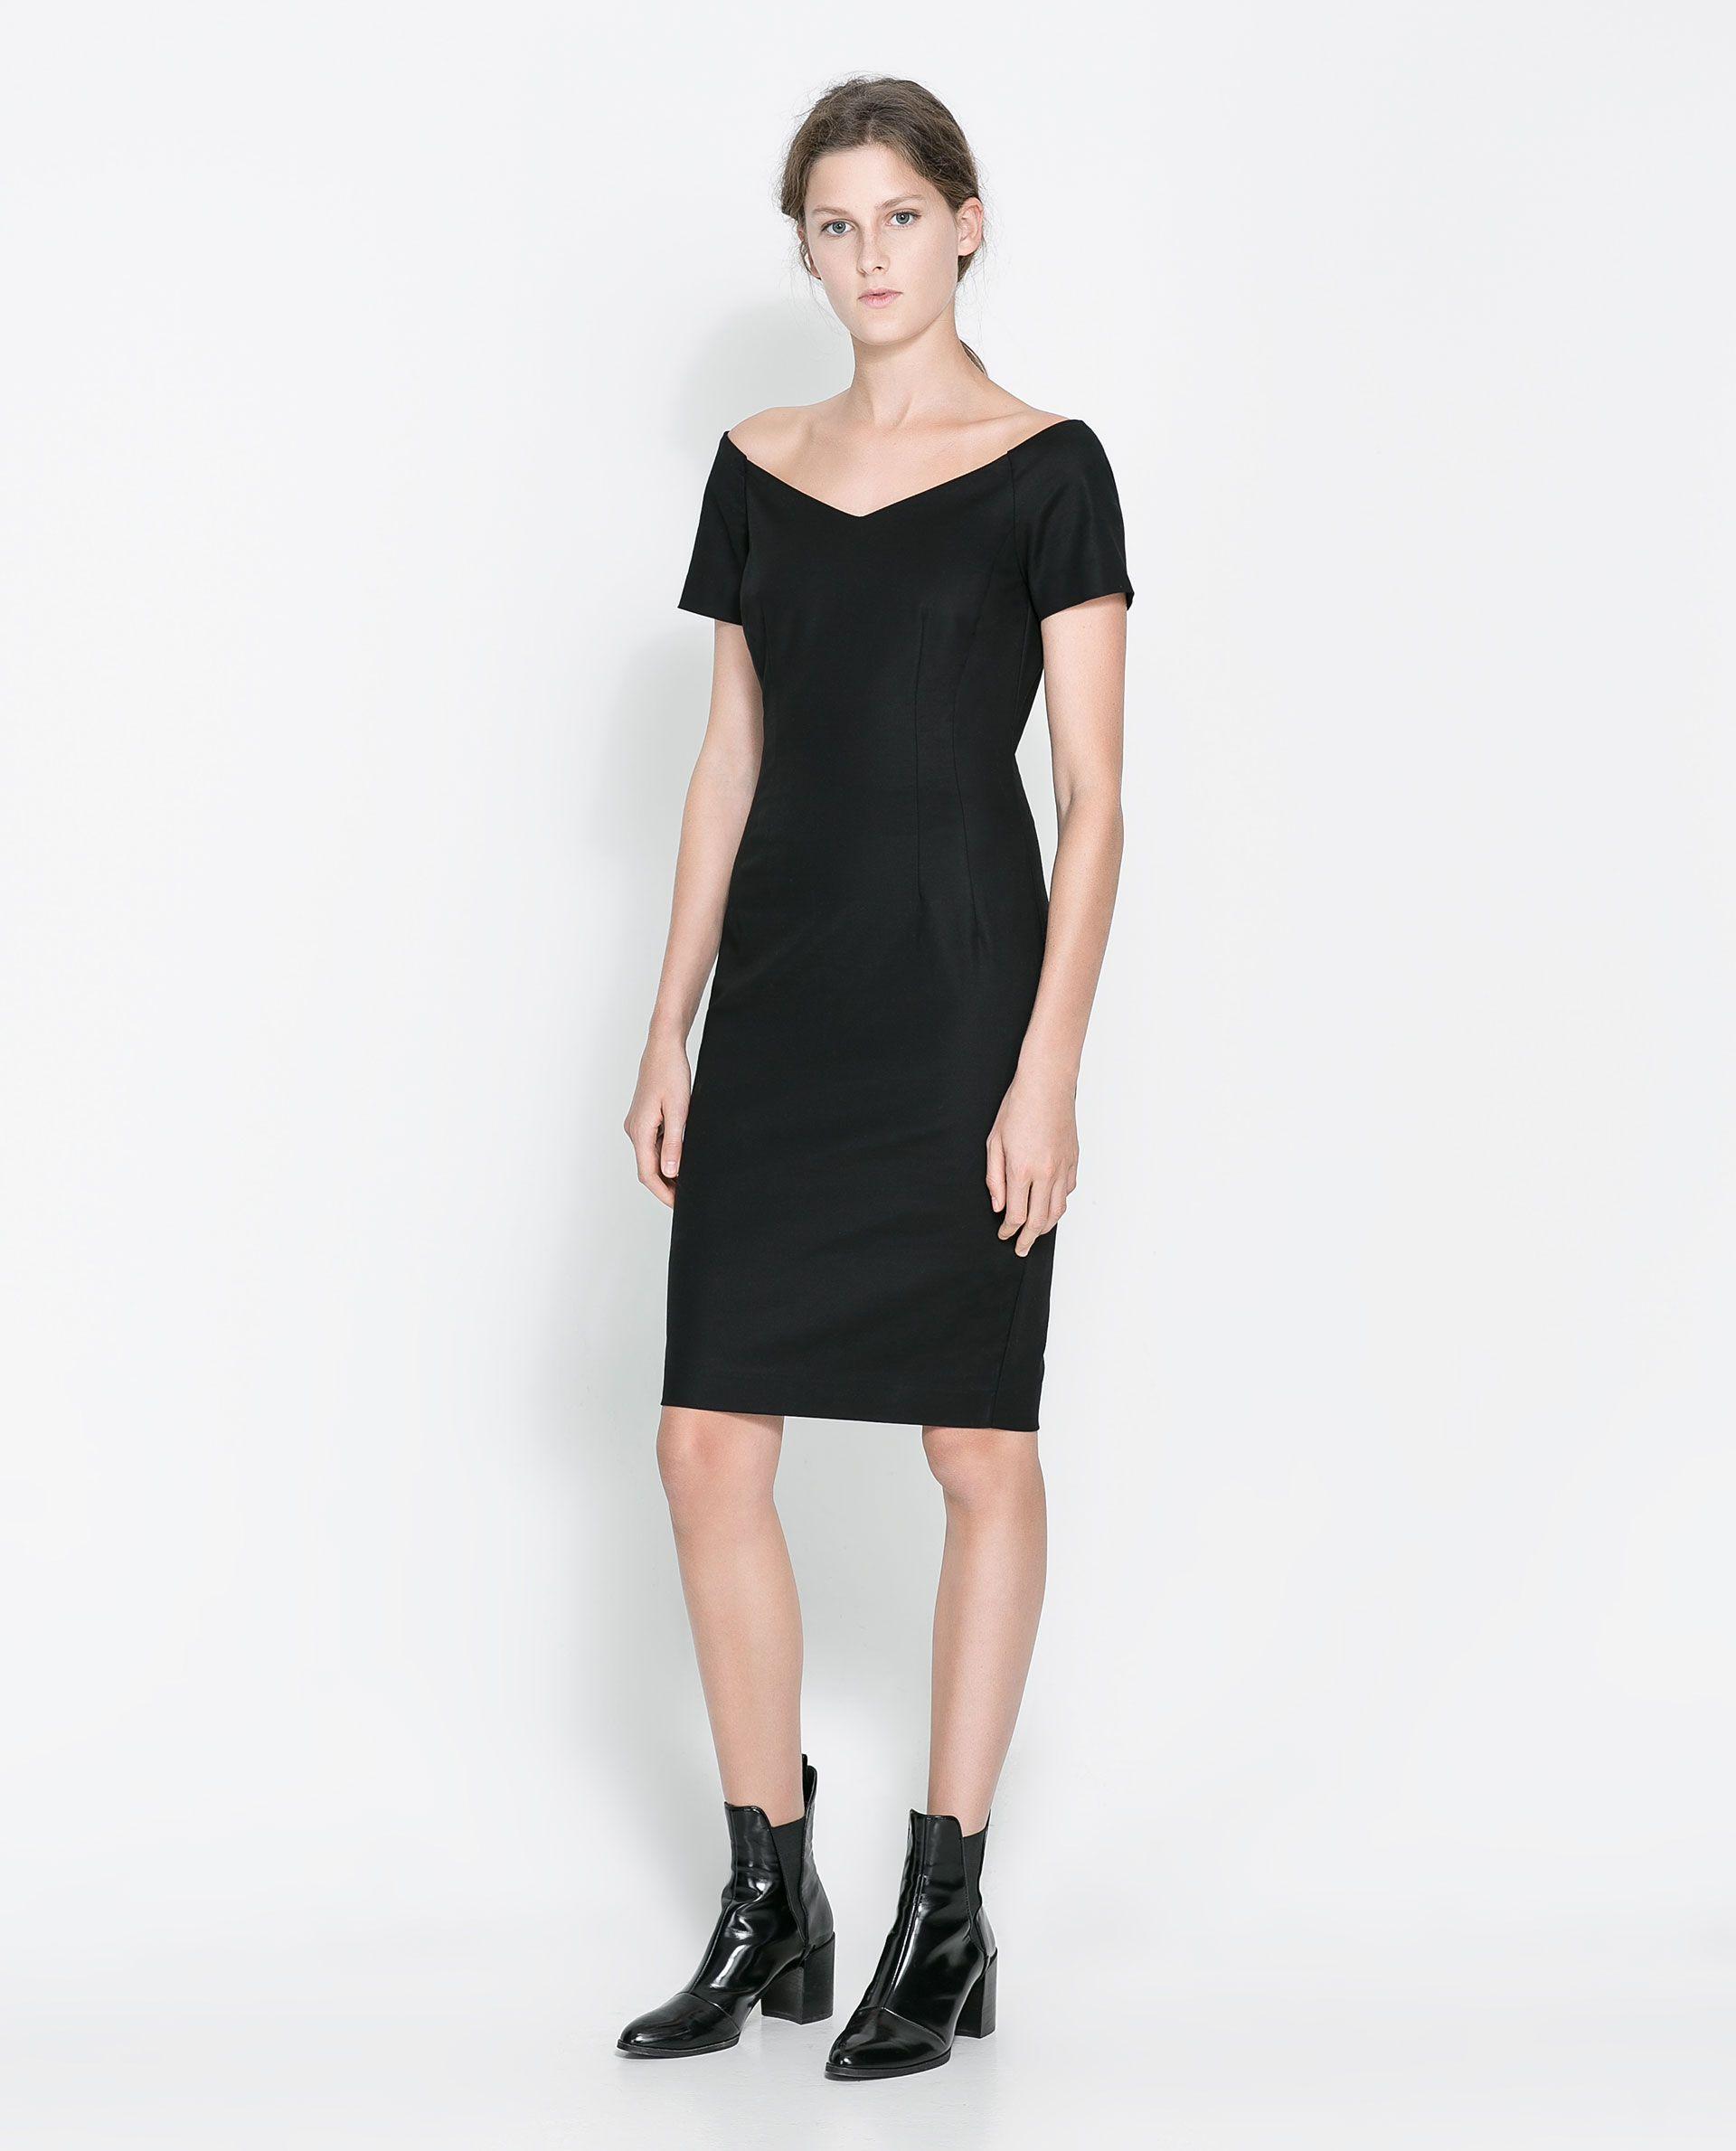 Fw Vestido Última Zara Semana Moda Escote Pico 2013 UqR0BHxw